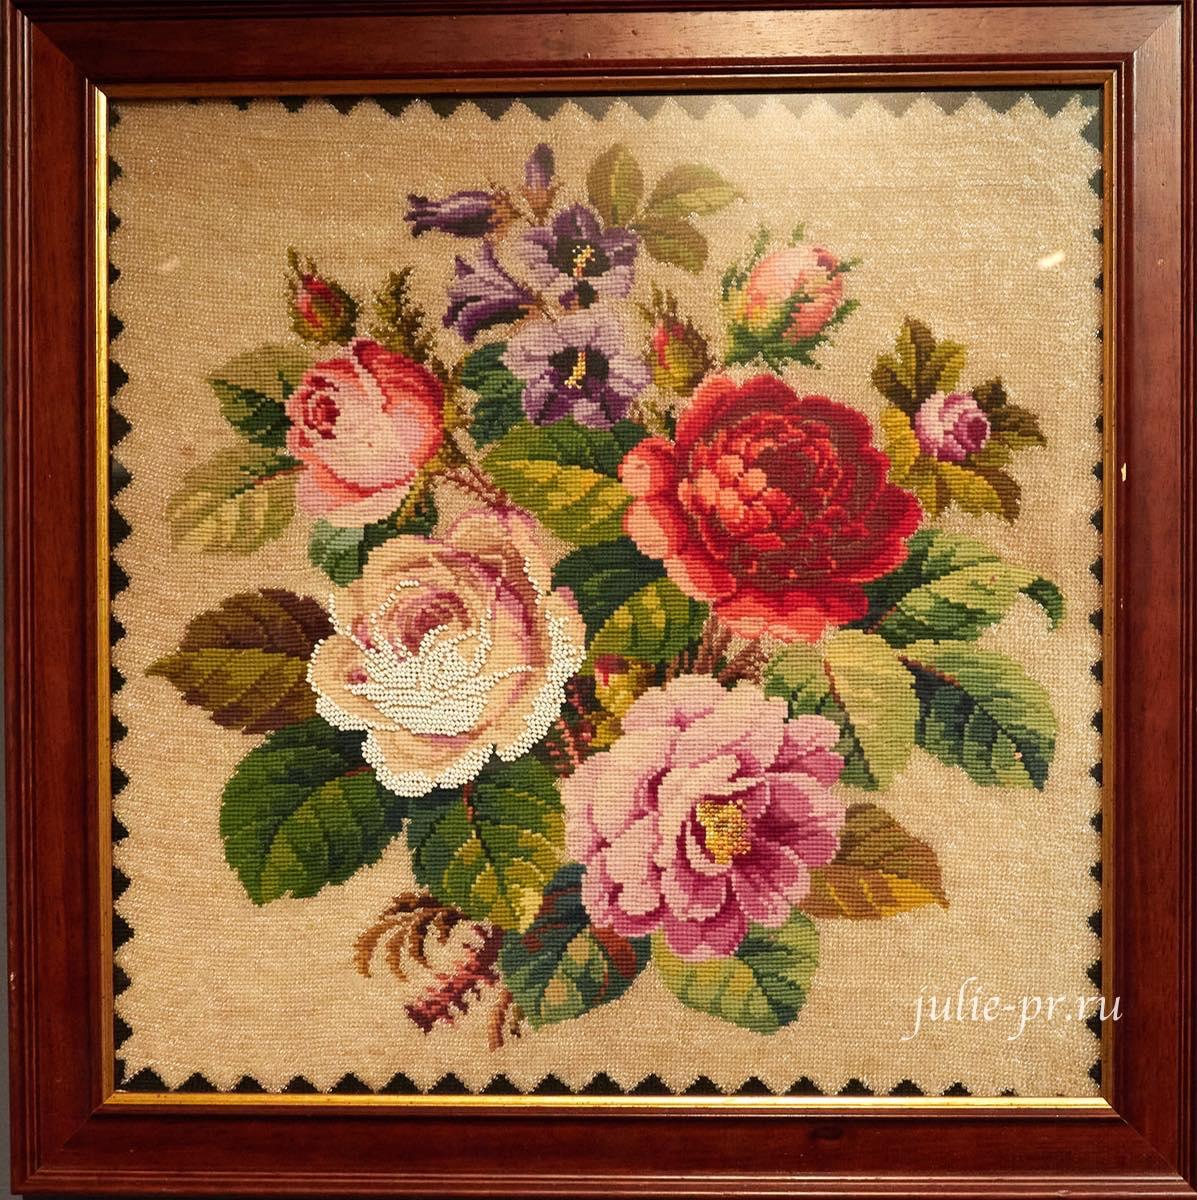 Цветочный букет, 1850-е гг, Франция, вышивка гарусом и венецианским бисером, выставка Старинные вышивки